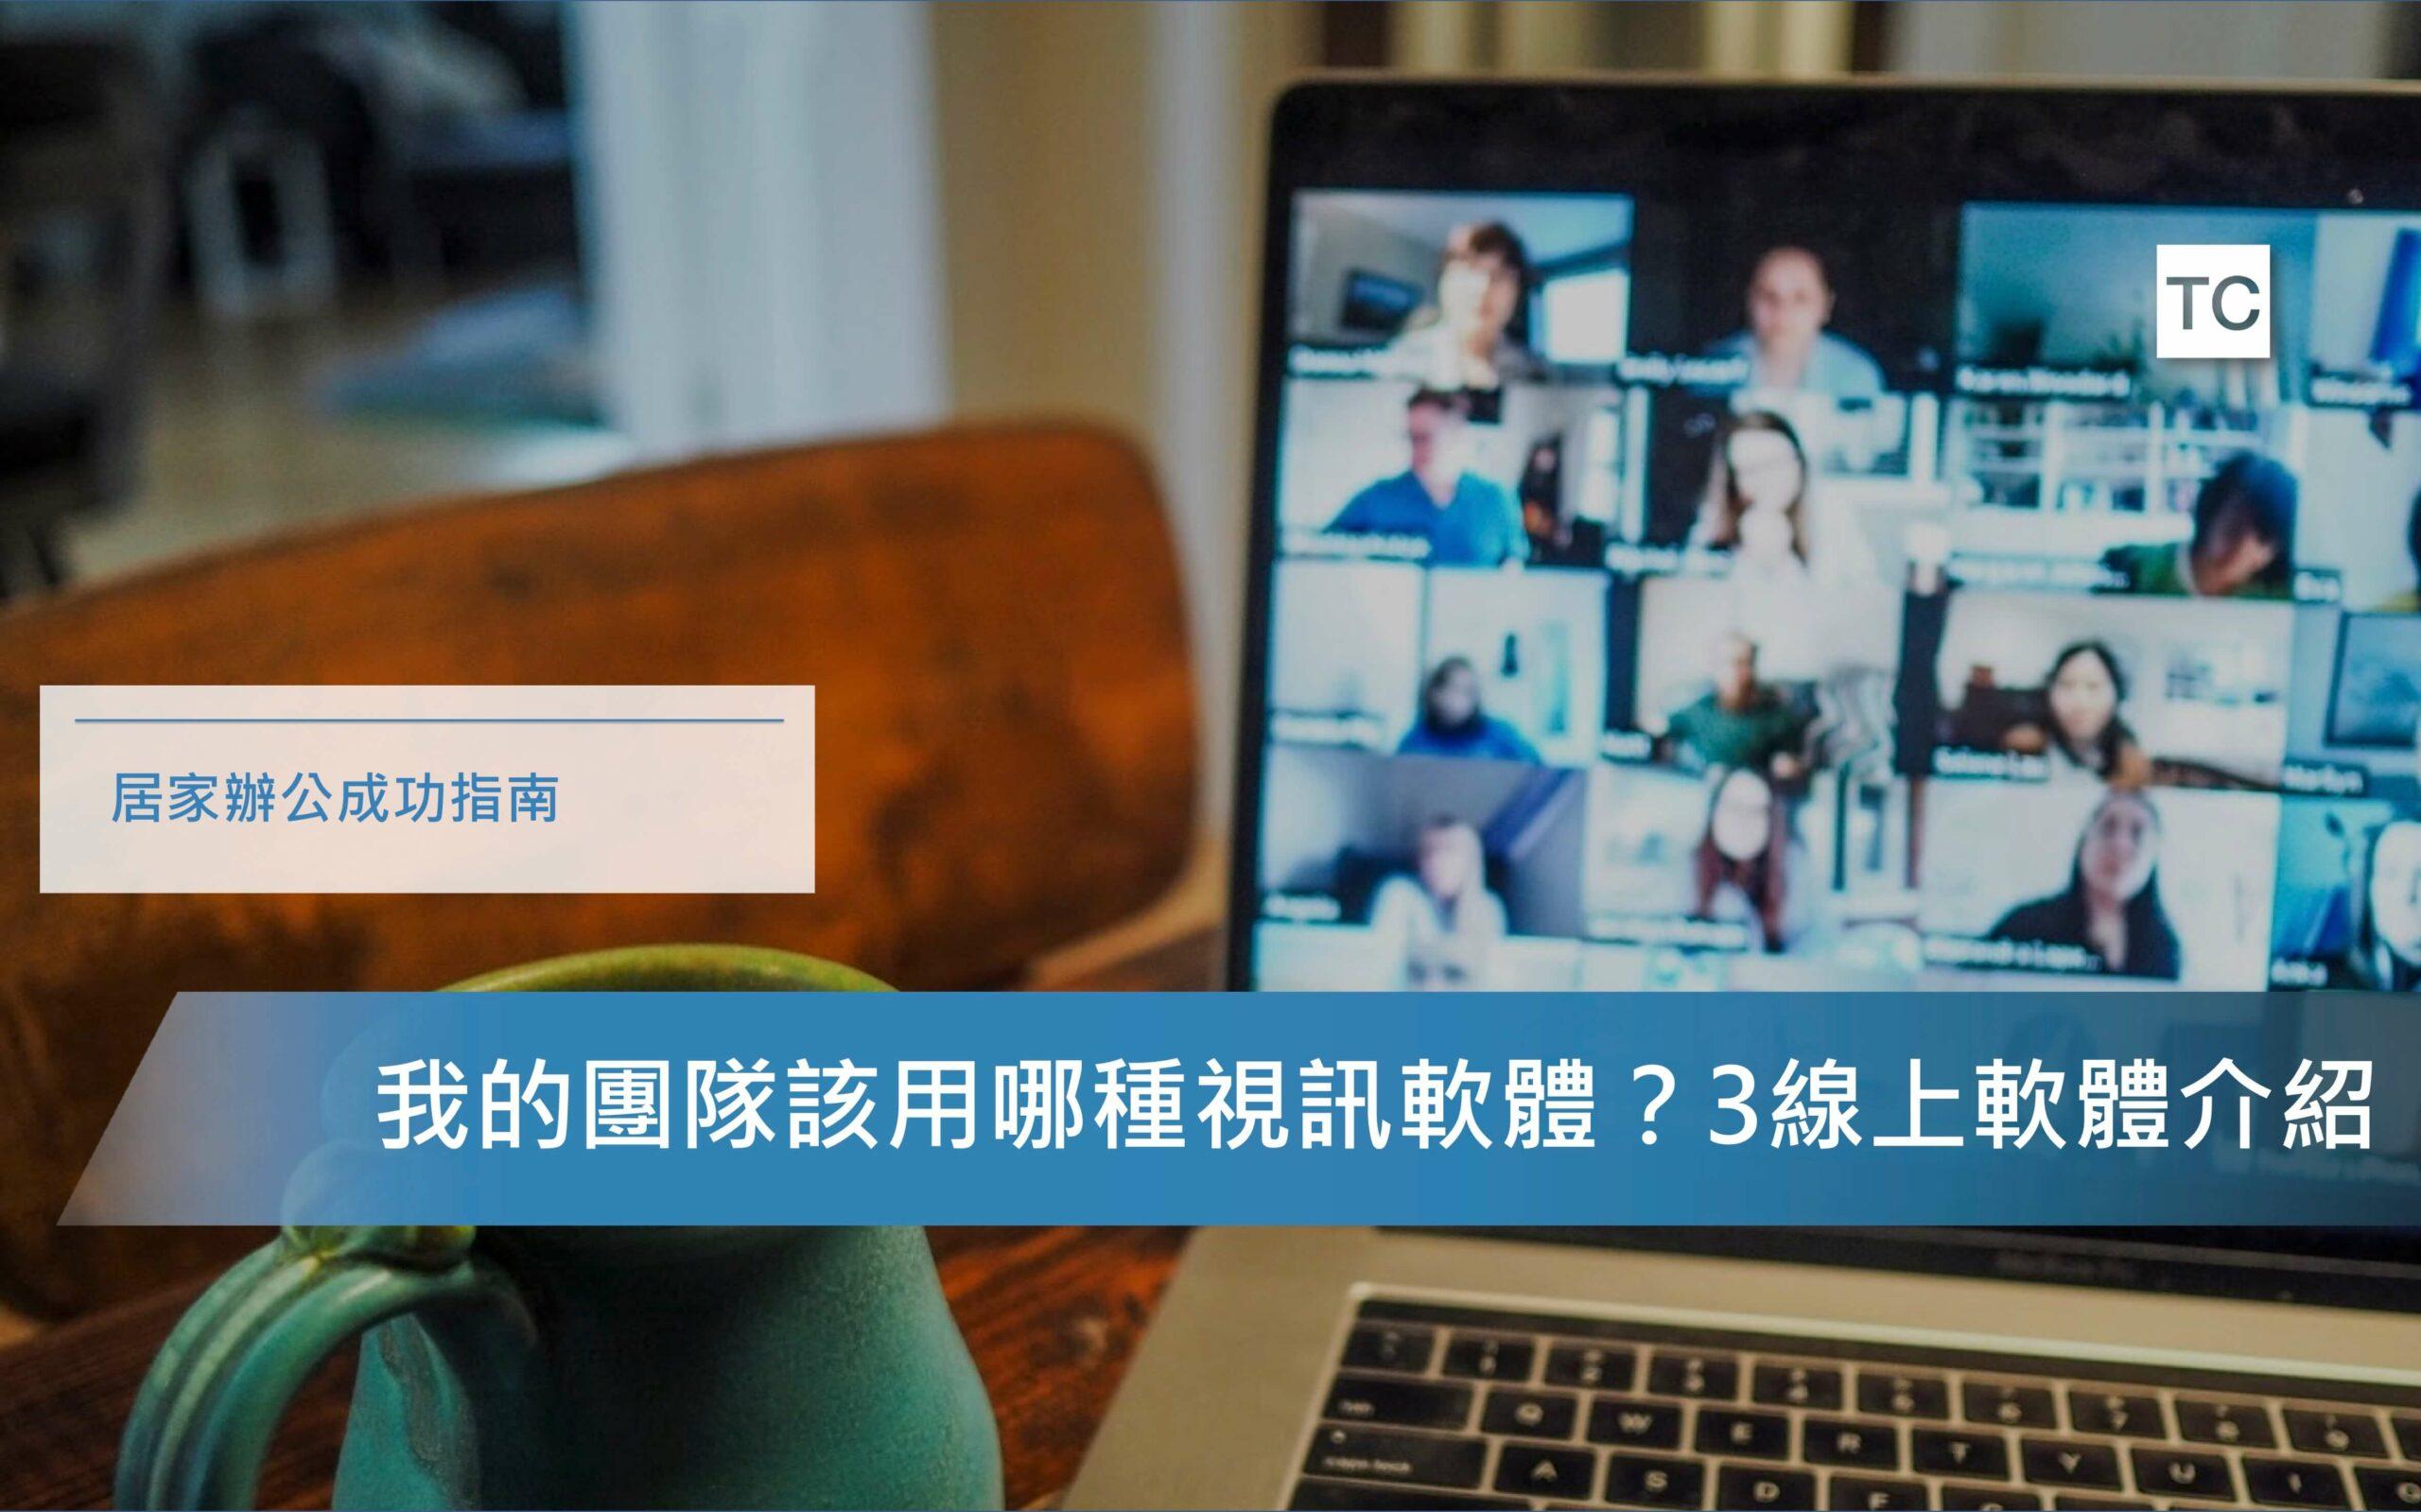 線上會議軟體|3 大線上會議軟體,哪一個適合你的團隊?